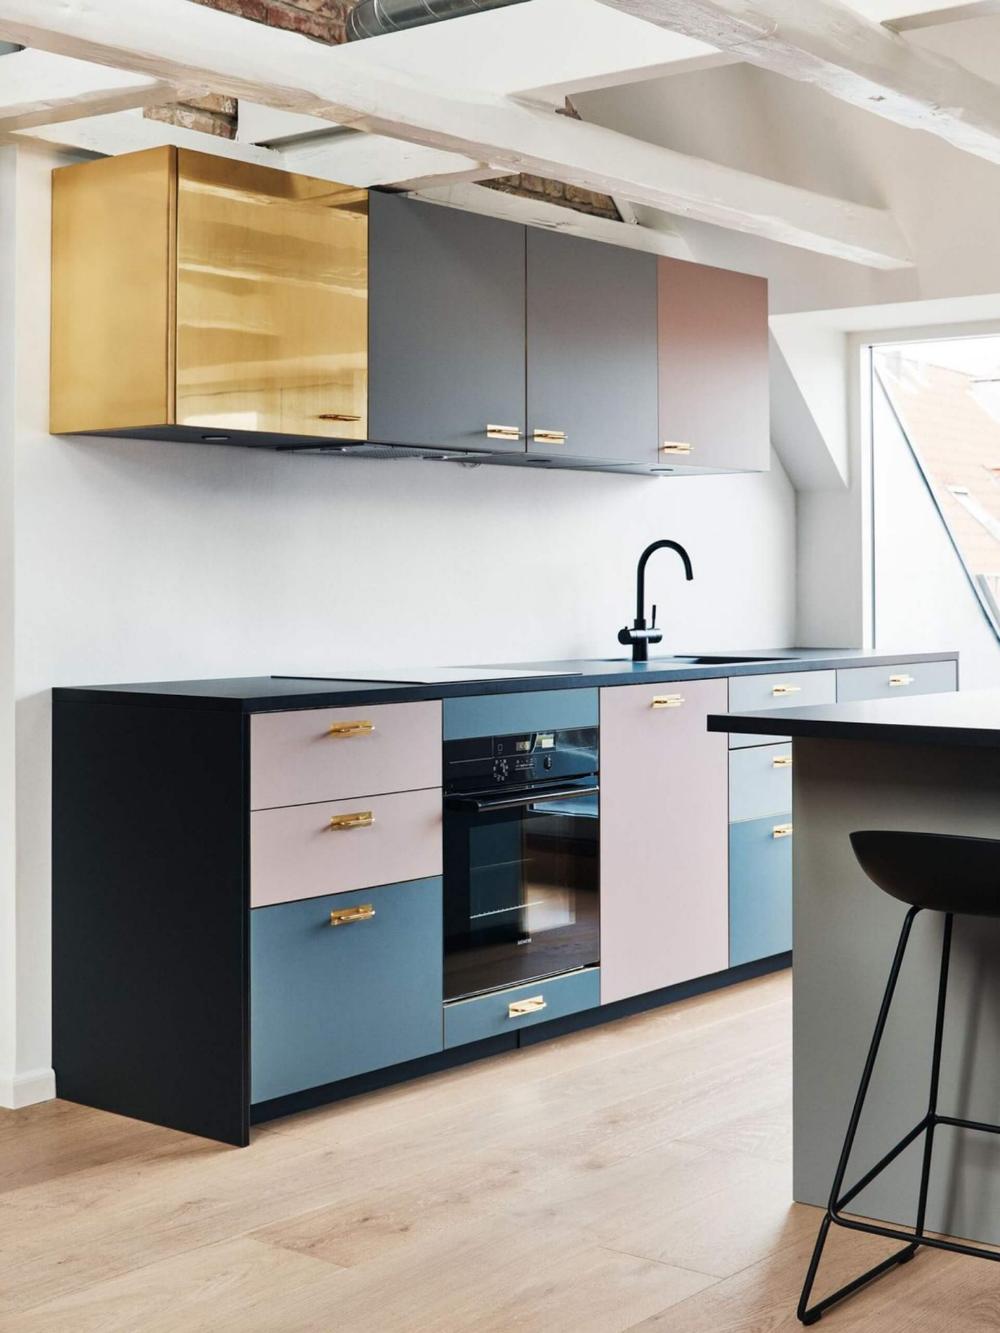 Ikea Hack Comment Customiser Une Cuisine Ikea Frenchy Fancy En 2020 Placard Cuisine Caisson Cuisine Cuisines Design